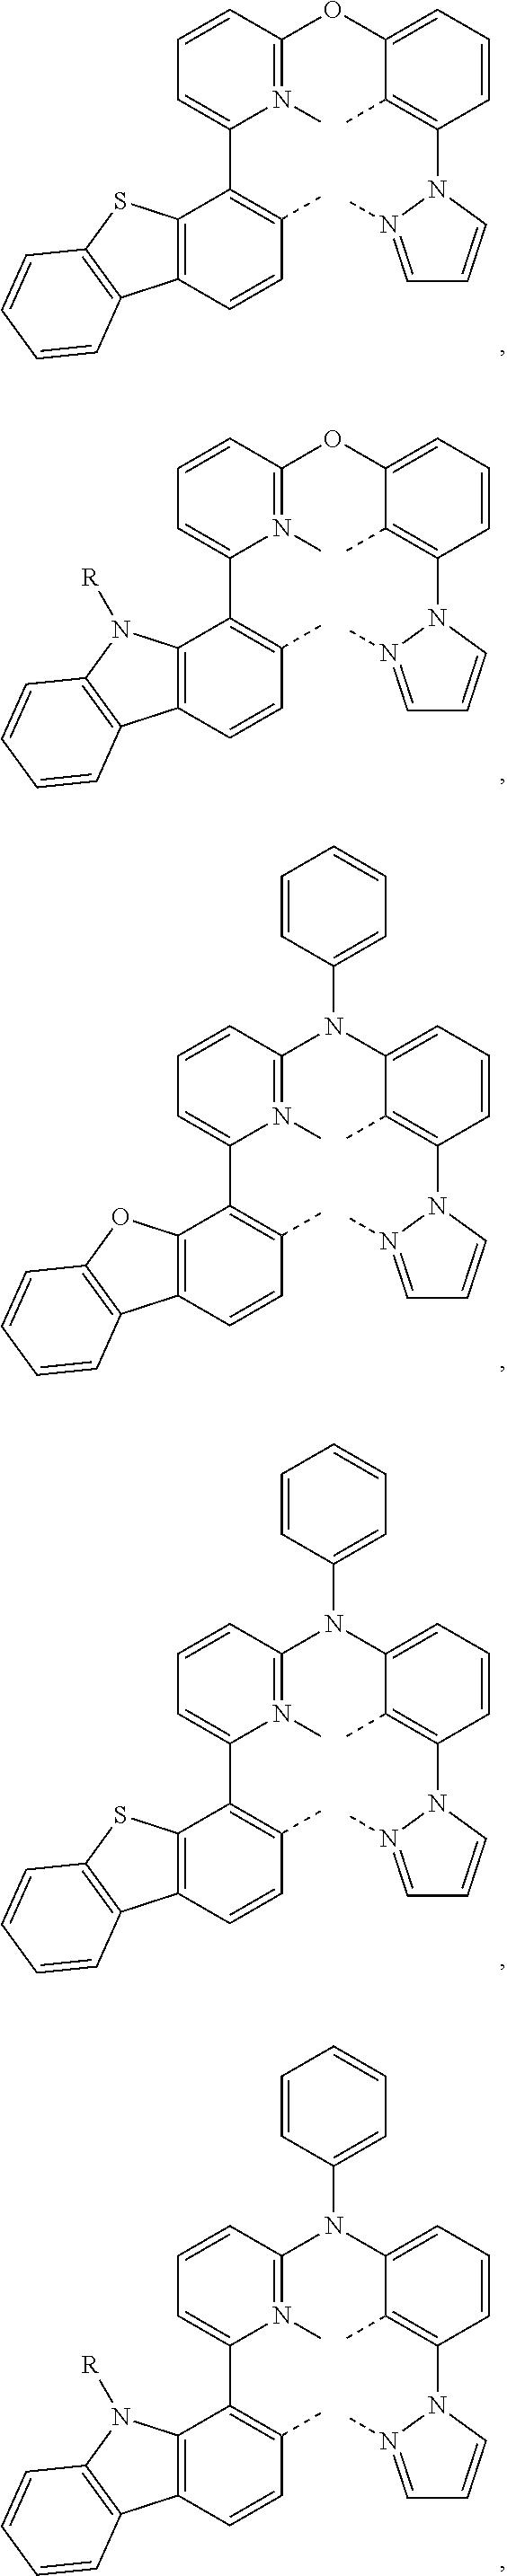 Figure US10056565-20180821-C00023